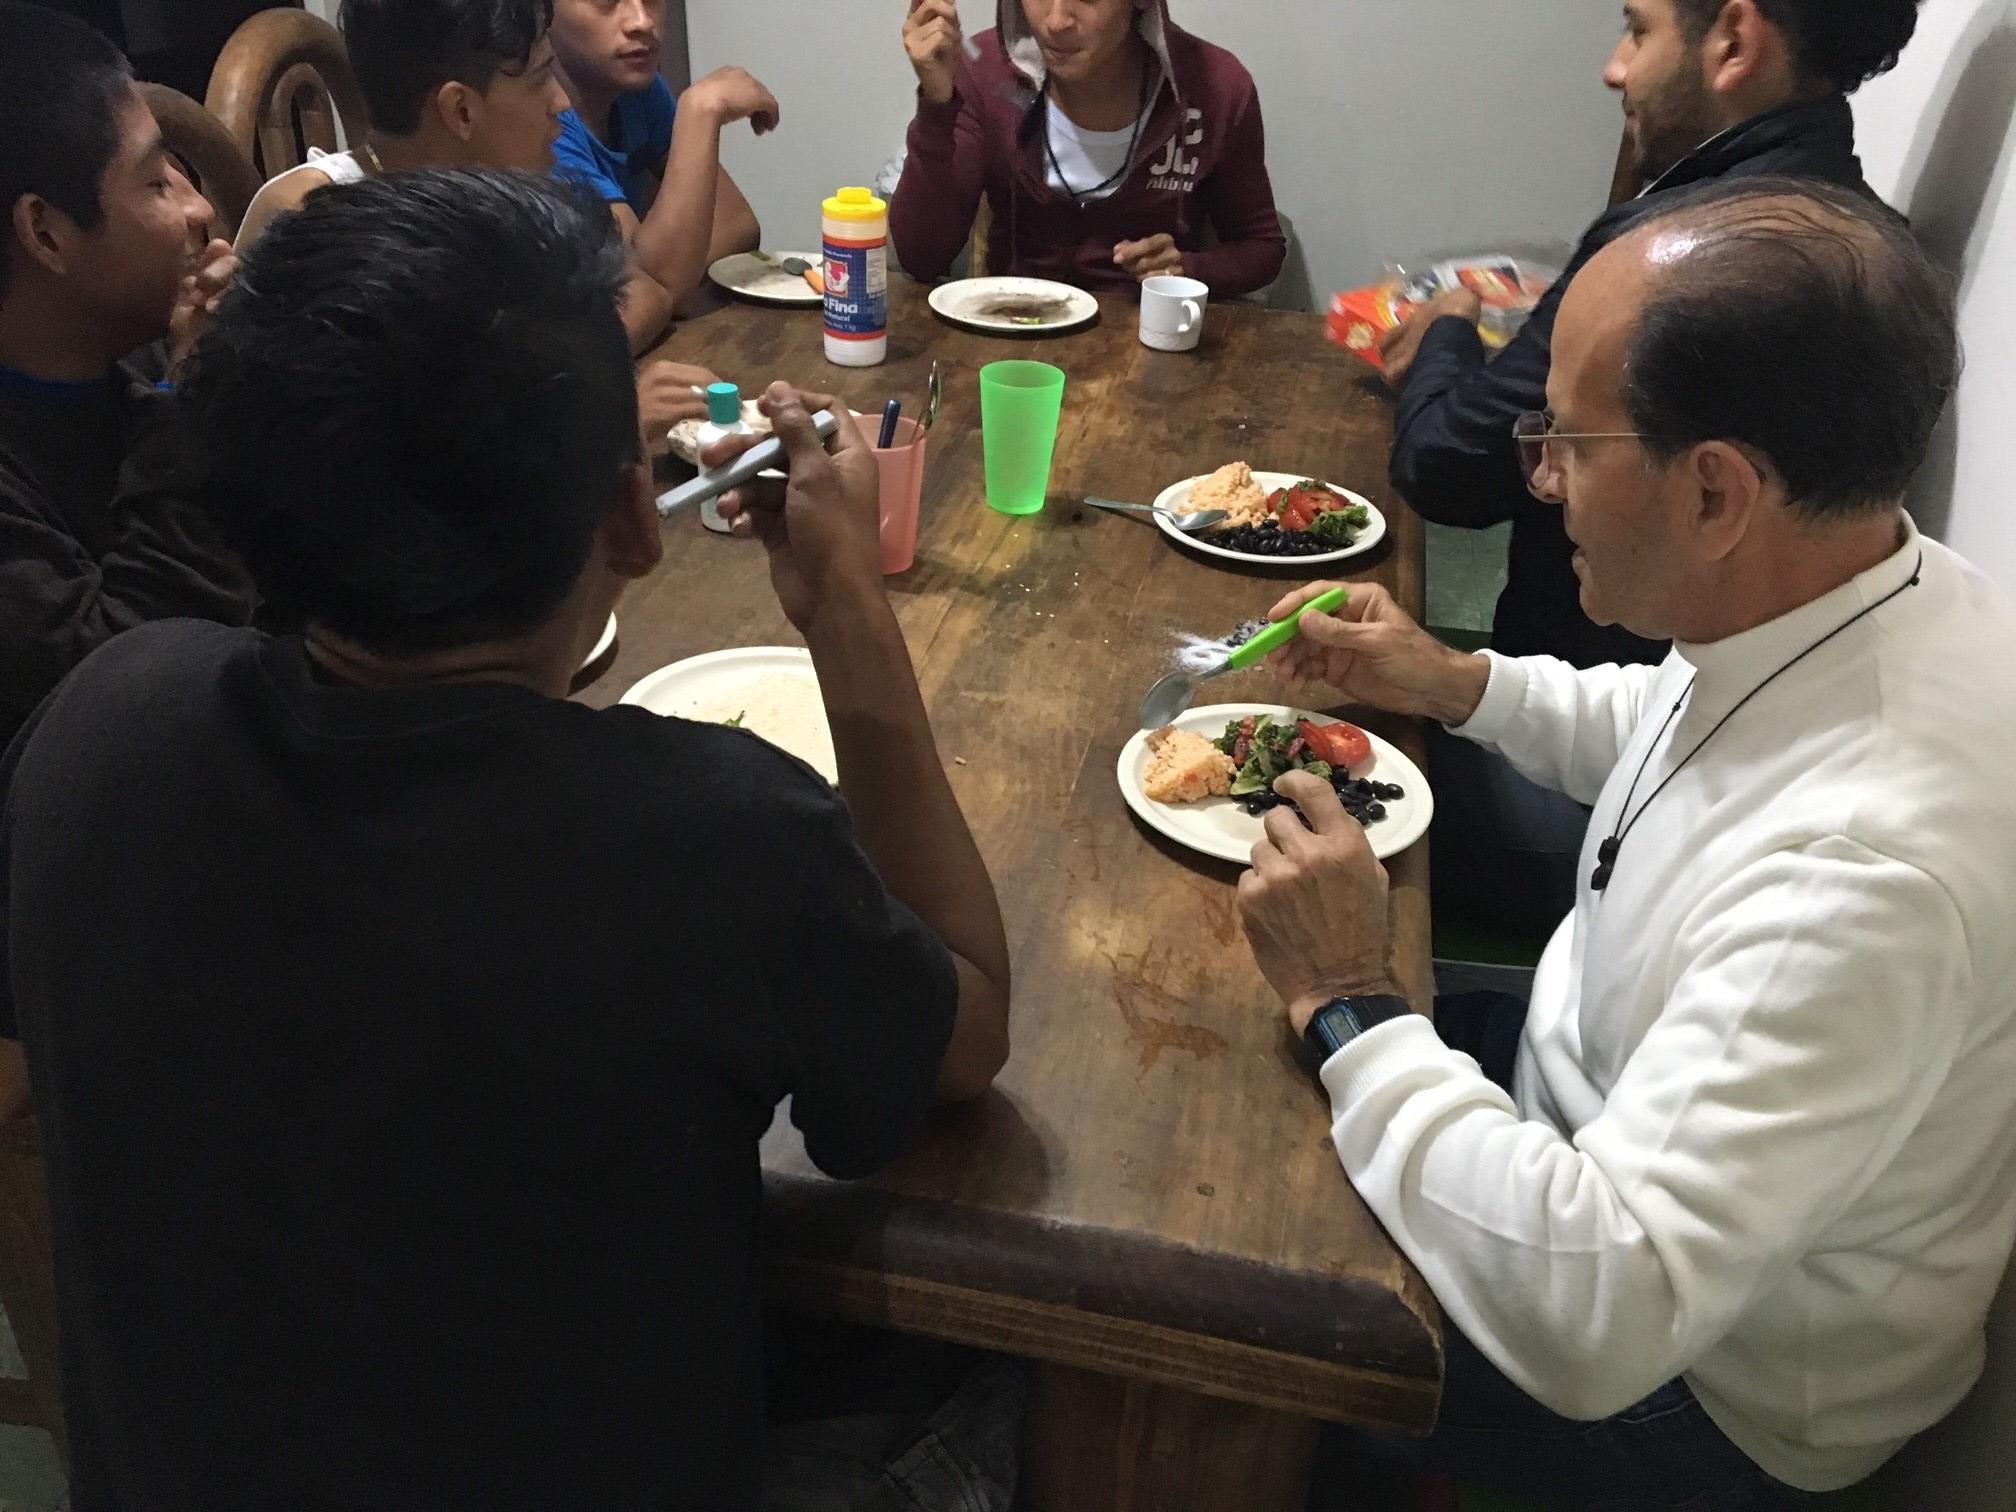 El padre Alejandro Solalinde cenando con los jóvenes en el albergue.